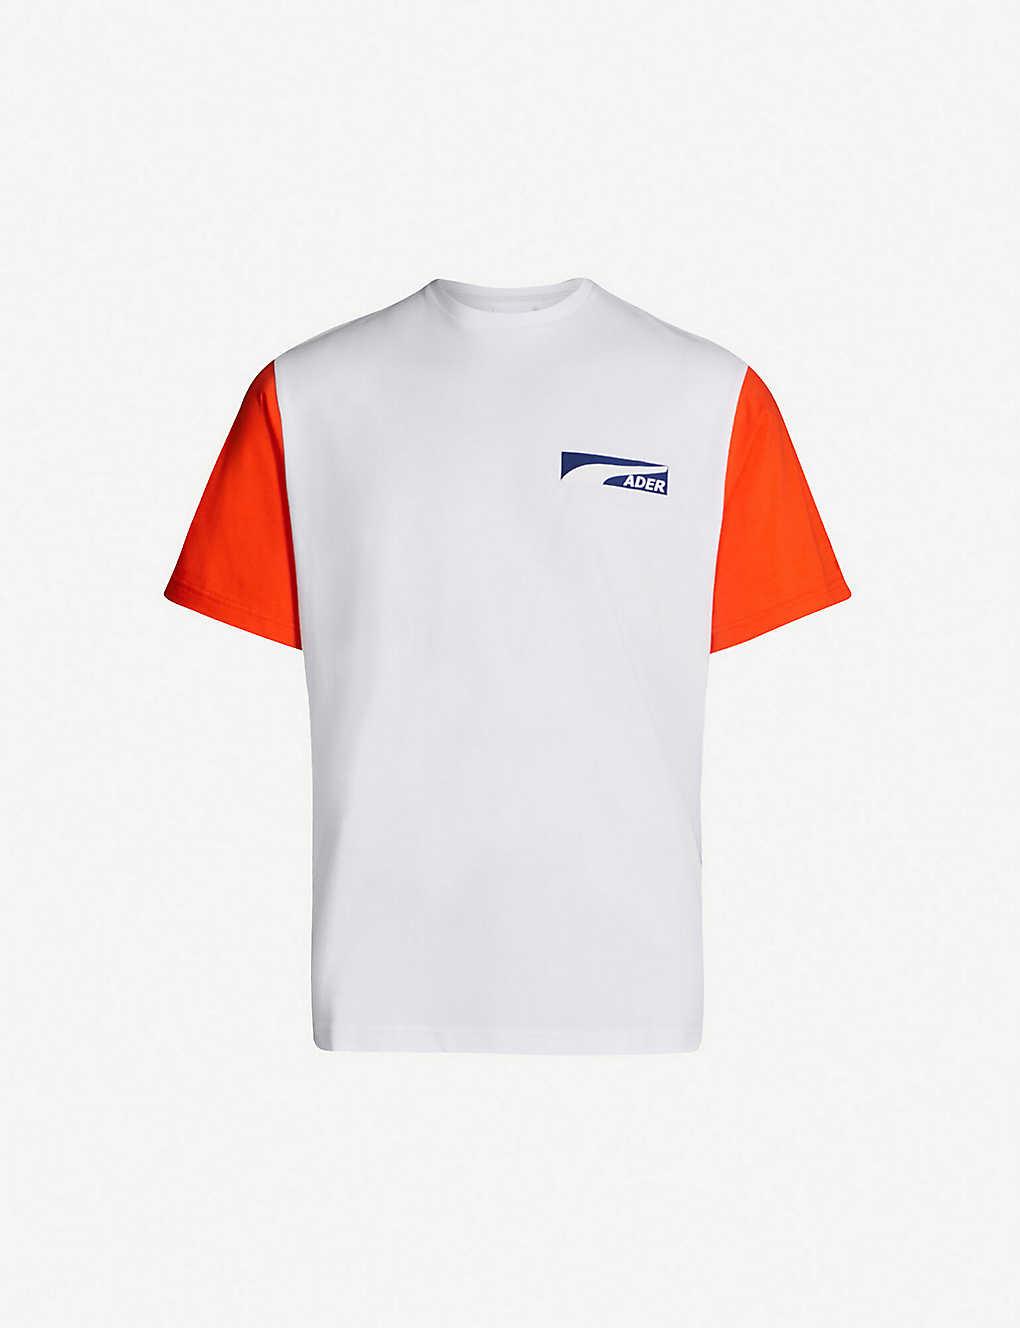 a951afc2d10 PUMA X ADER ERROR - Puma x Ader Error cotton-jersey T-shirt ...